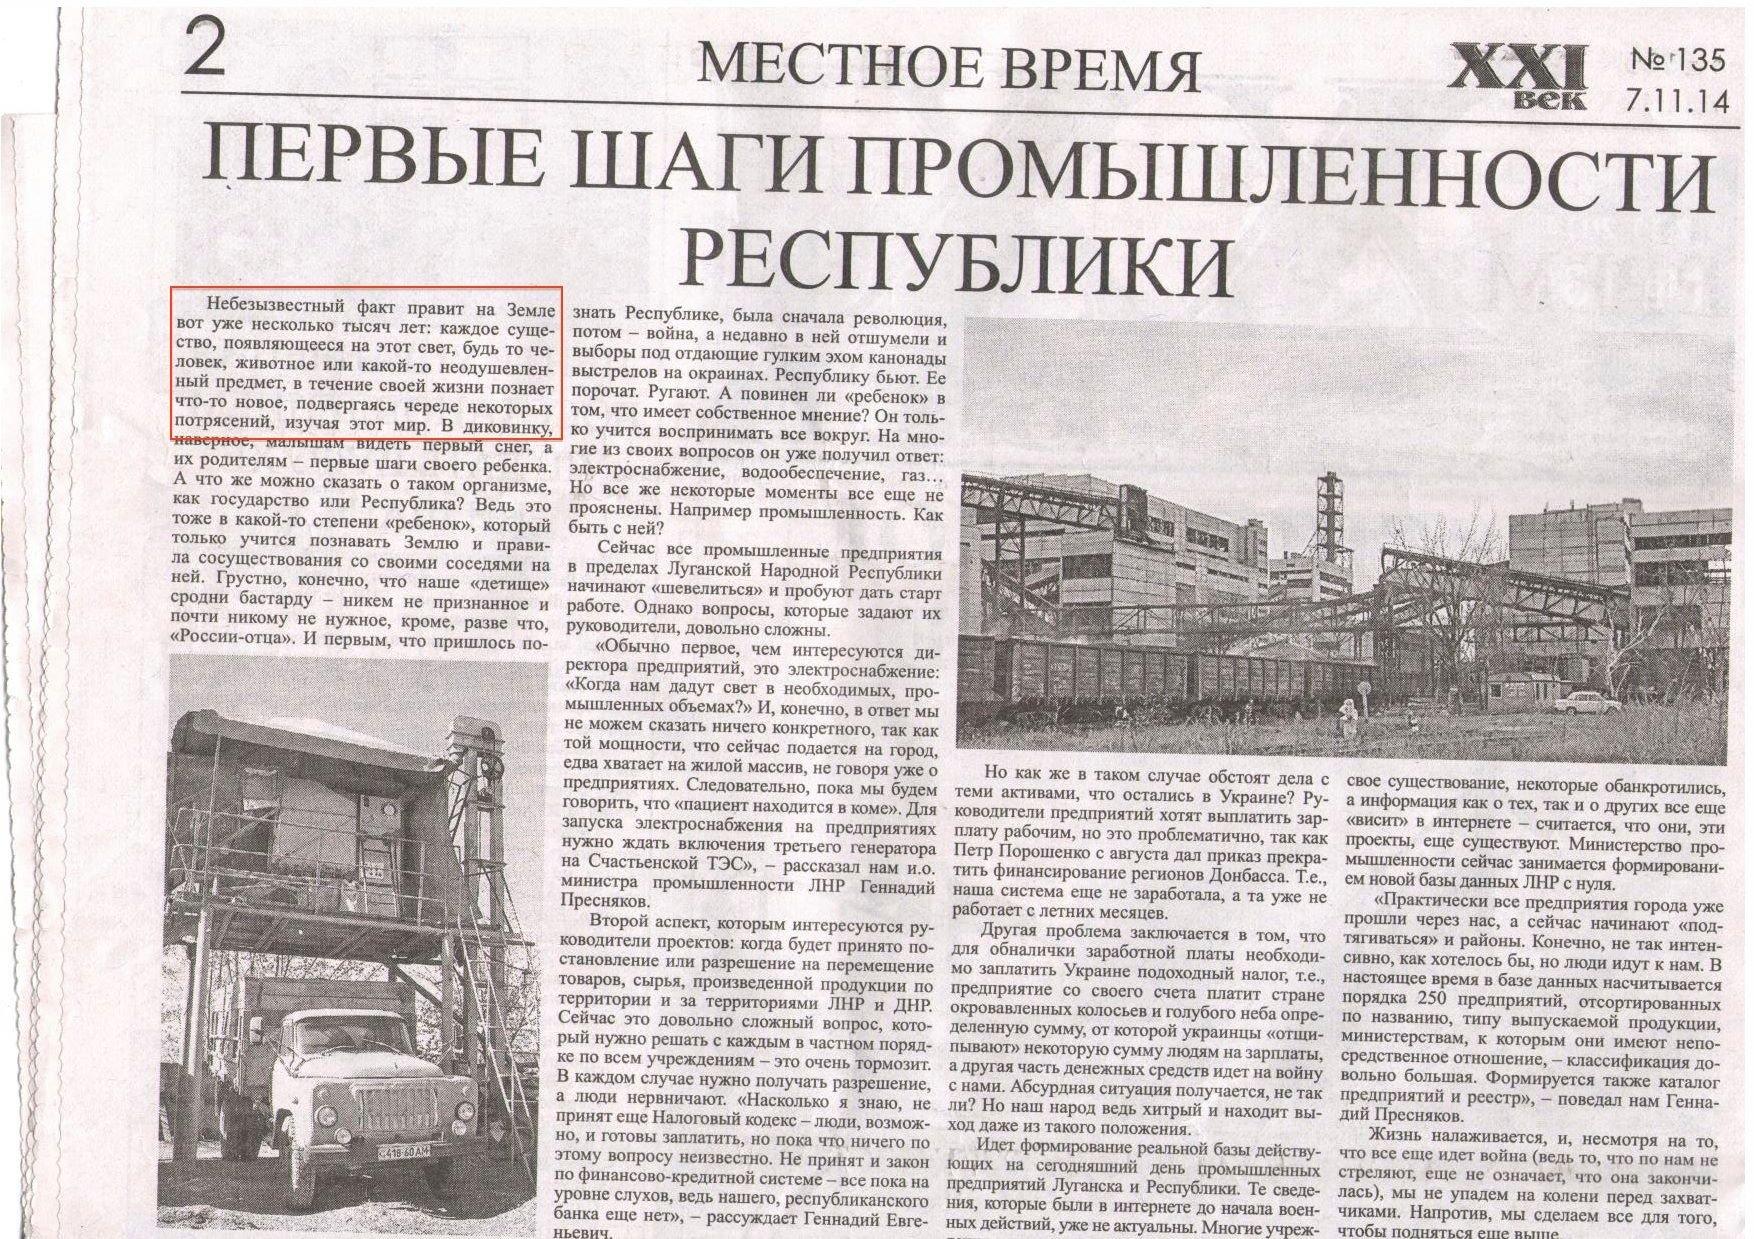 Вопрос люстрации главы СБУ Наливайченко будет рассматривать спецкомиссия, - глава Минюста - Цензор.НЕТ 9282